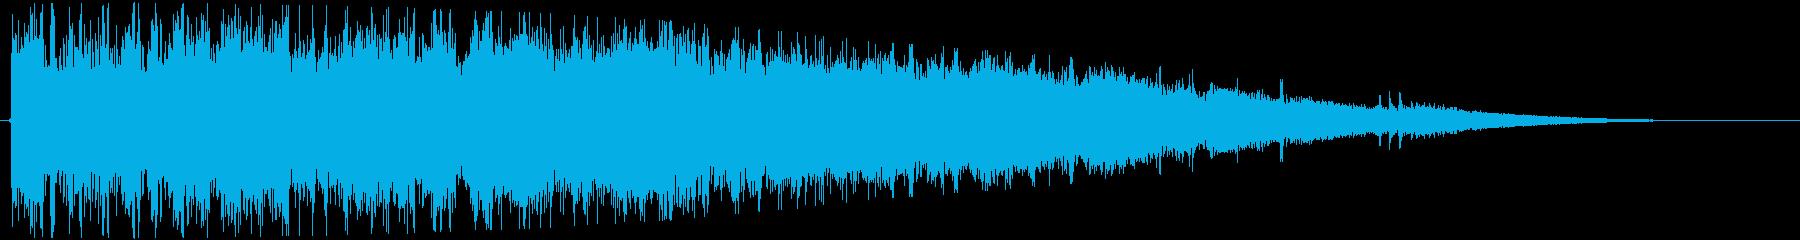 キラキラ きれいな音の再生済みの波形